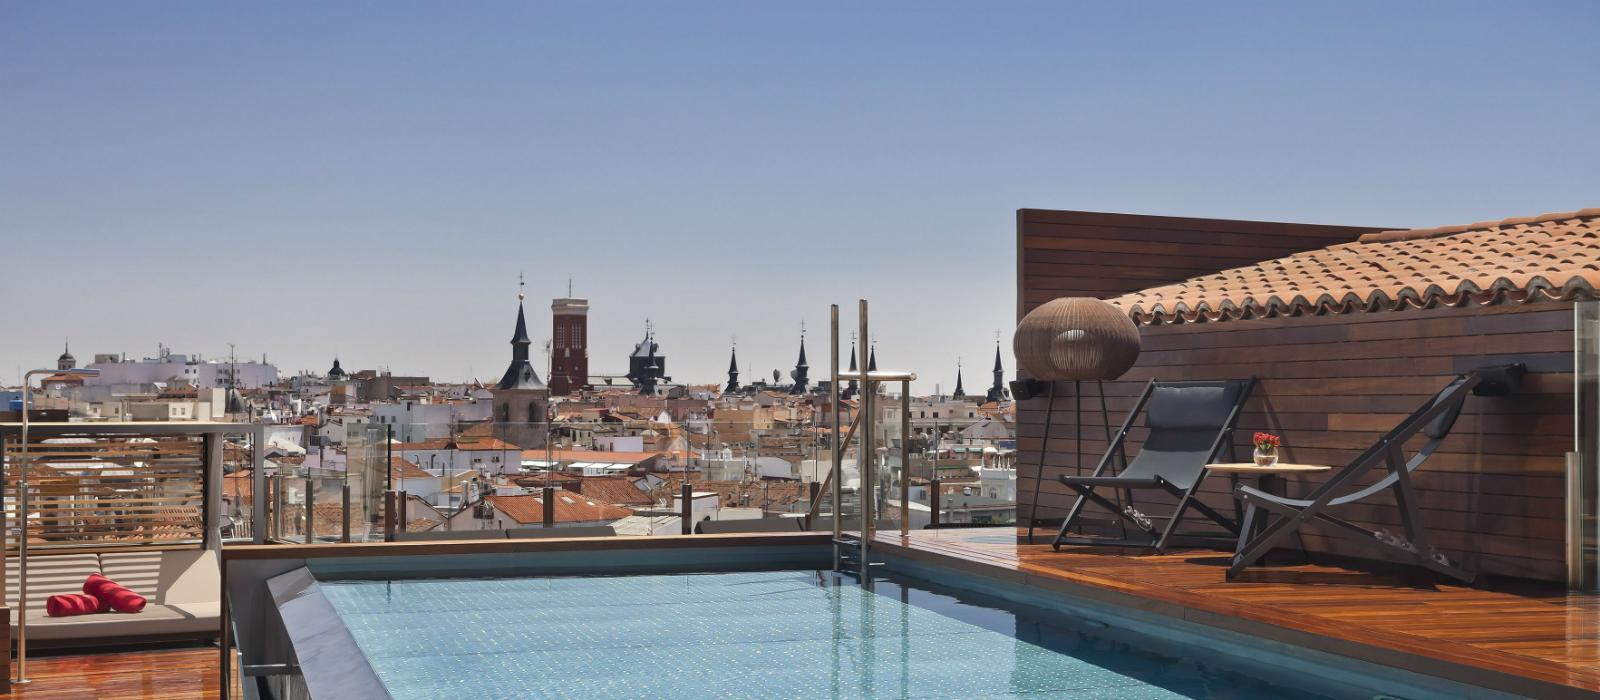 盛美利亚公爵皇宫酒店(Gran Melia Palacio de los Duques)【 马德里,西班牙】 酒店  www.lhw.cn